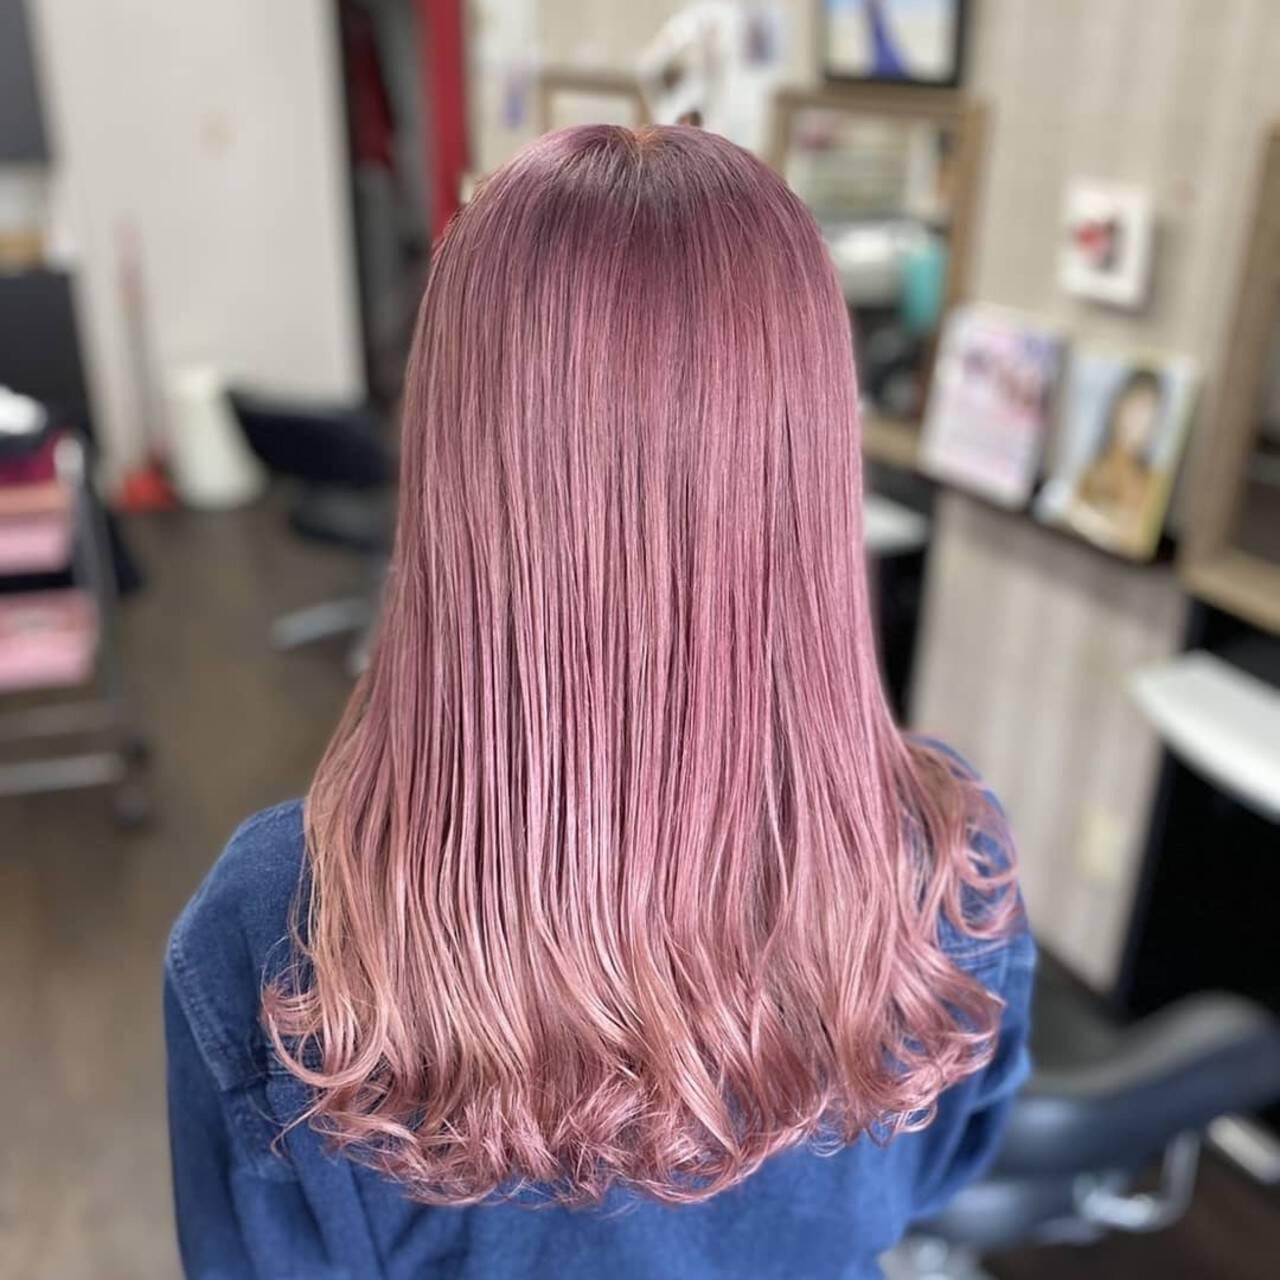 ラベンダーピンク ピンク ミルクティー セミロングヘアスタイルや髪型の写真・画像